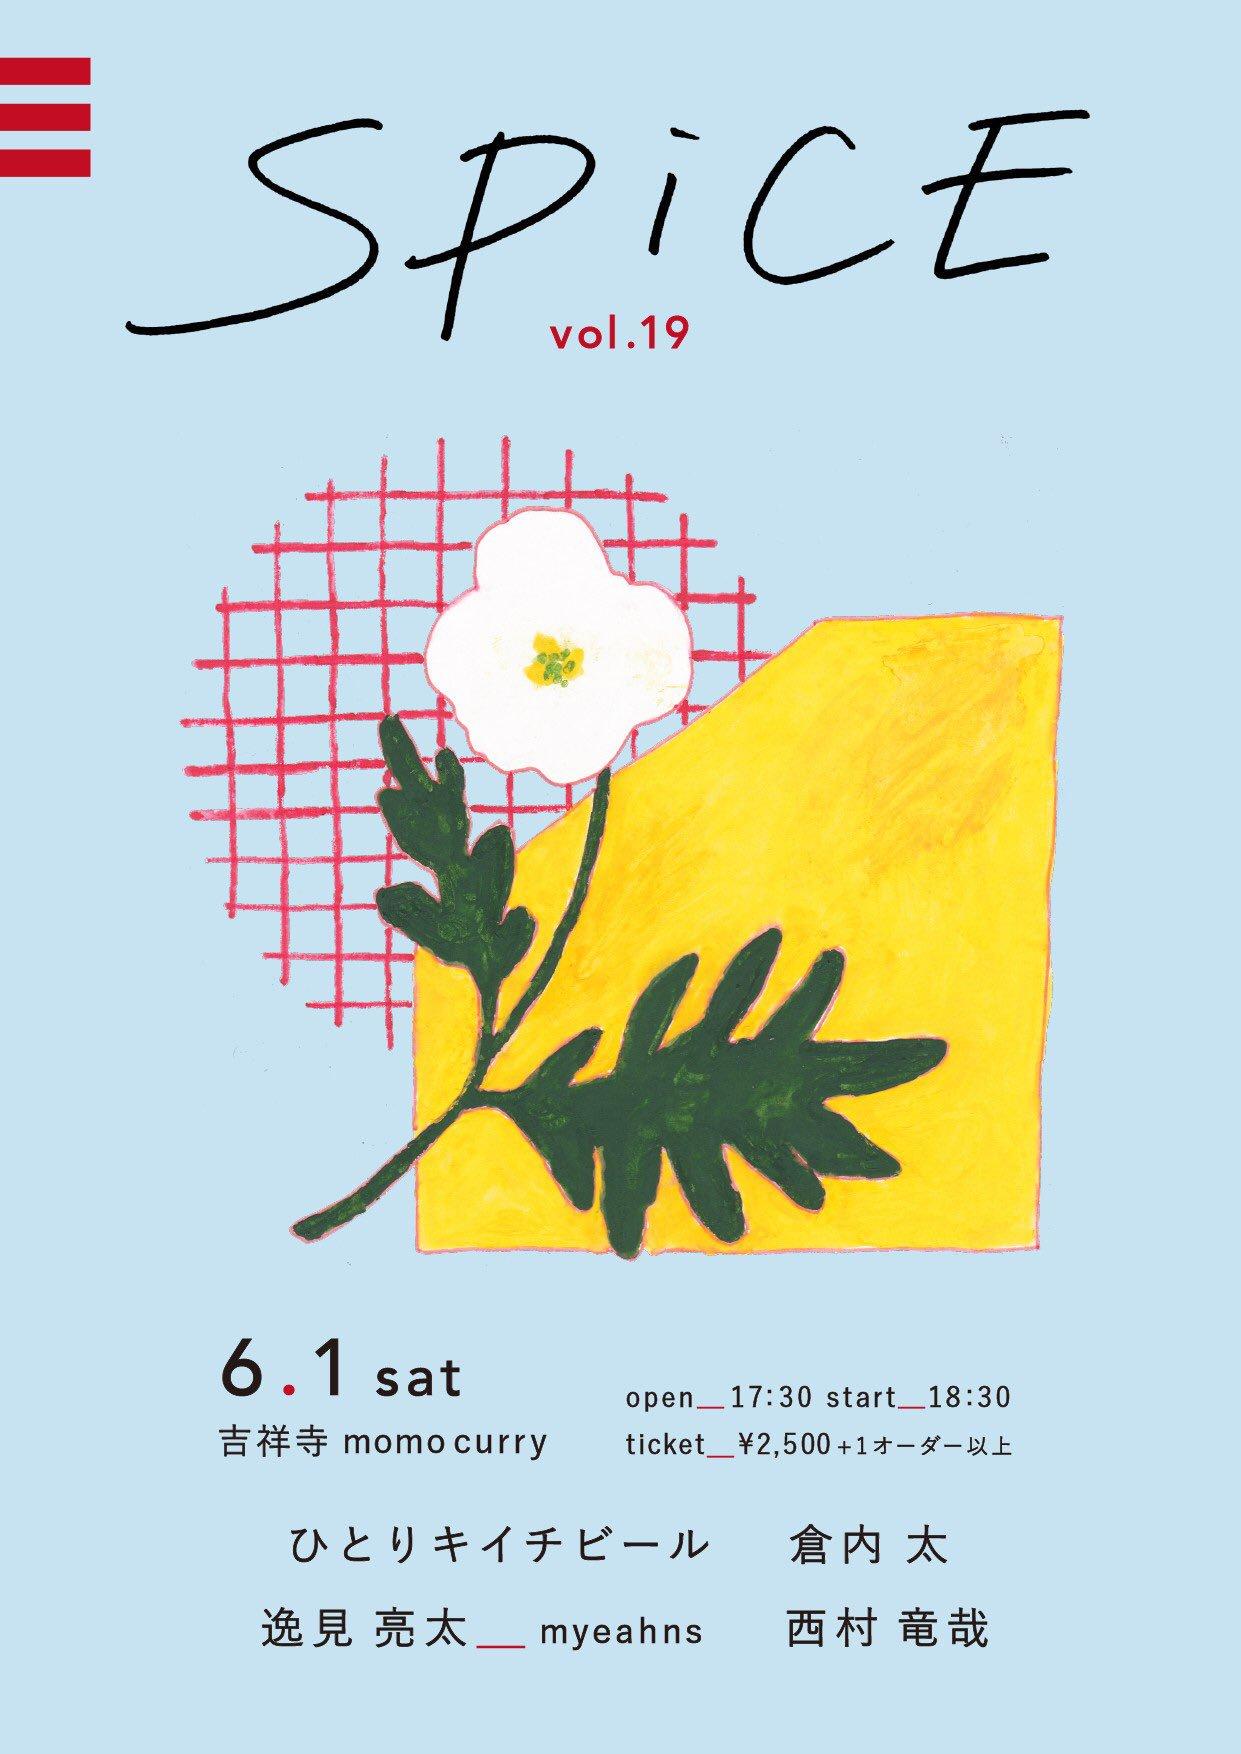 SPiCE! vol.19